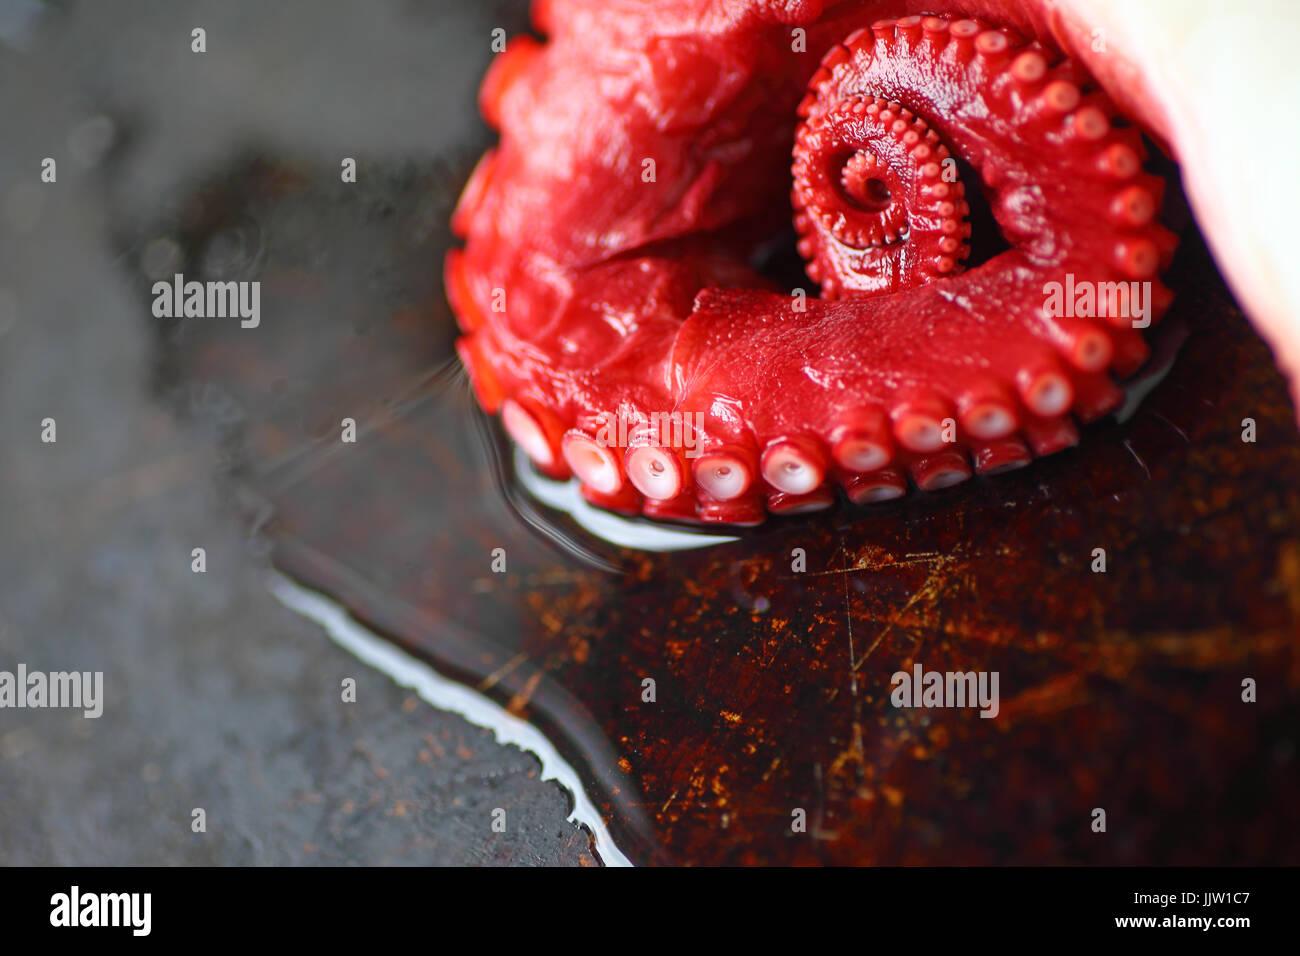 Ein Octopus Tentacle auf einem Tablett mit Wasser und Kopie Stockbild